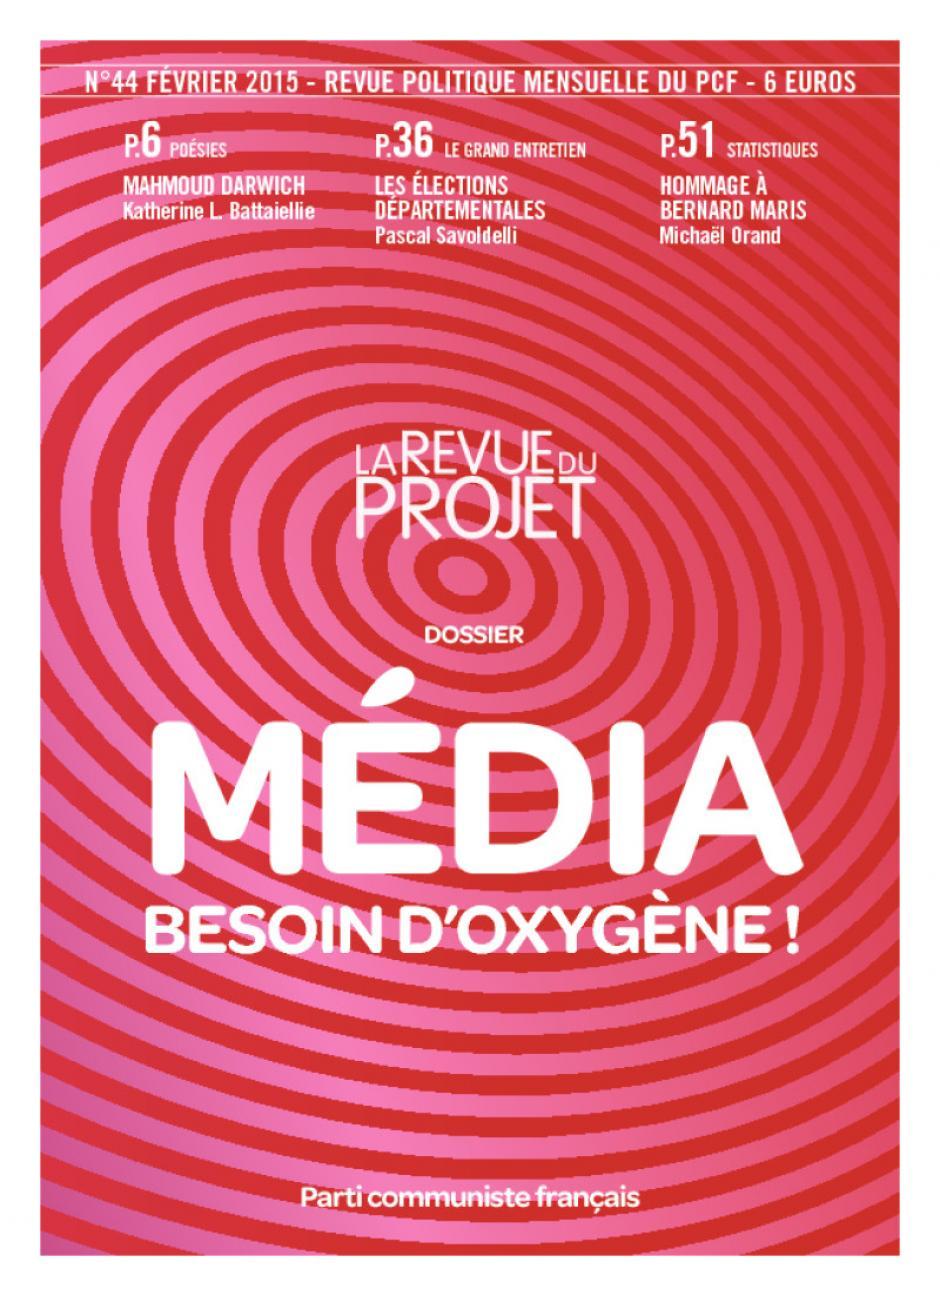 La Revue du projet, n° 44, février 2015